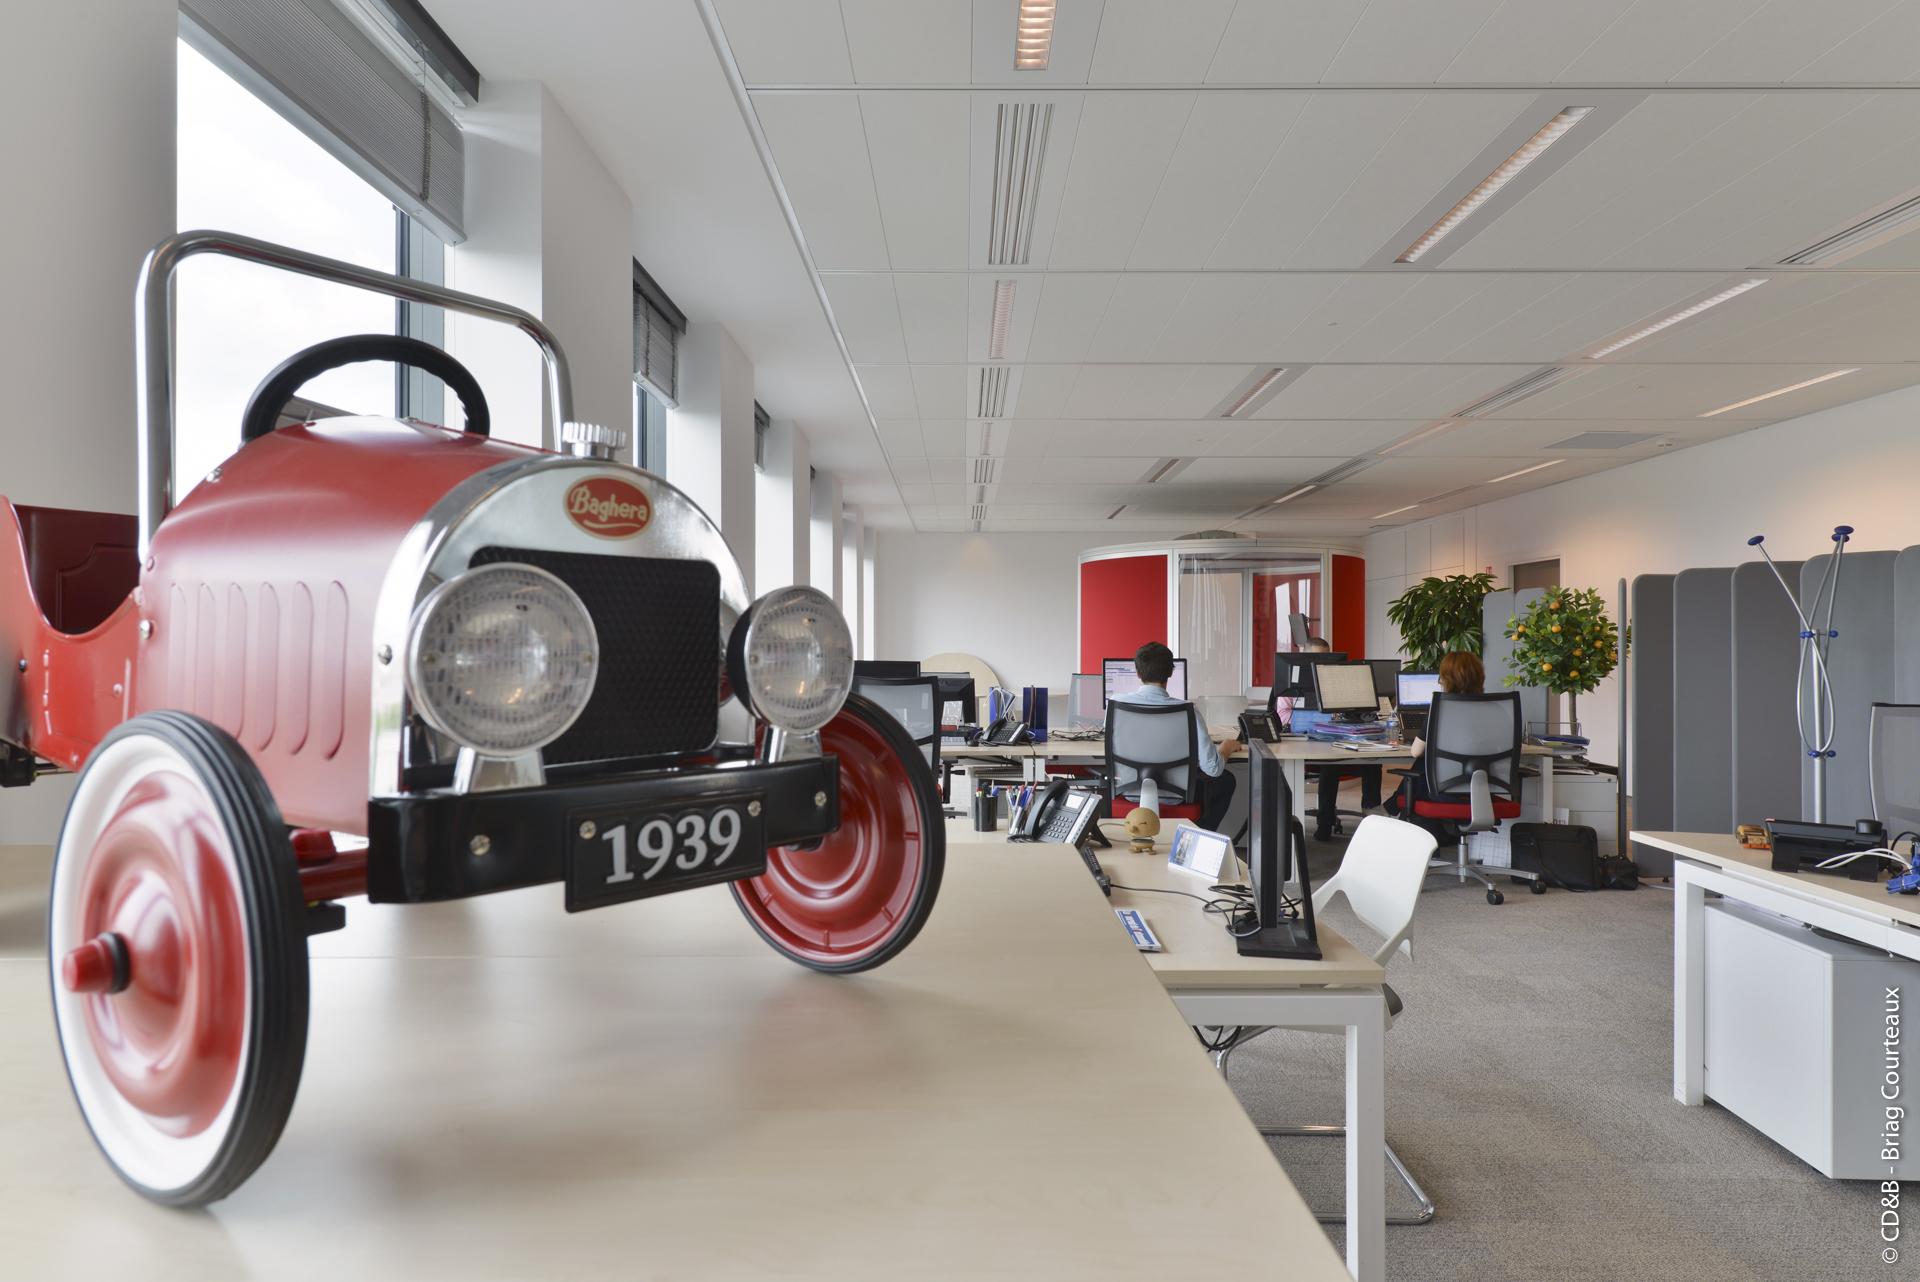 Conseil, aménagement, conception et réalisation des espaces de la société Aramis Auto par CDB, Meet you there.